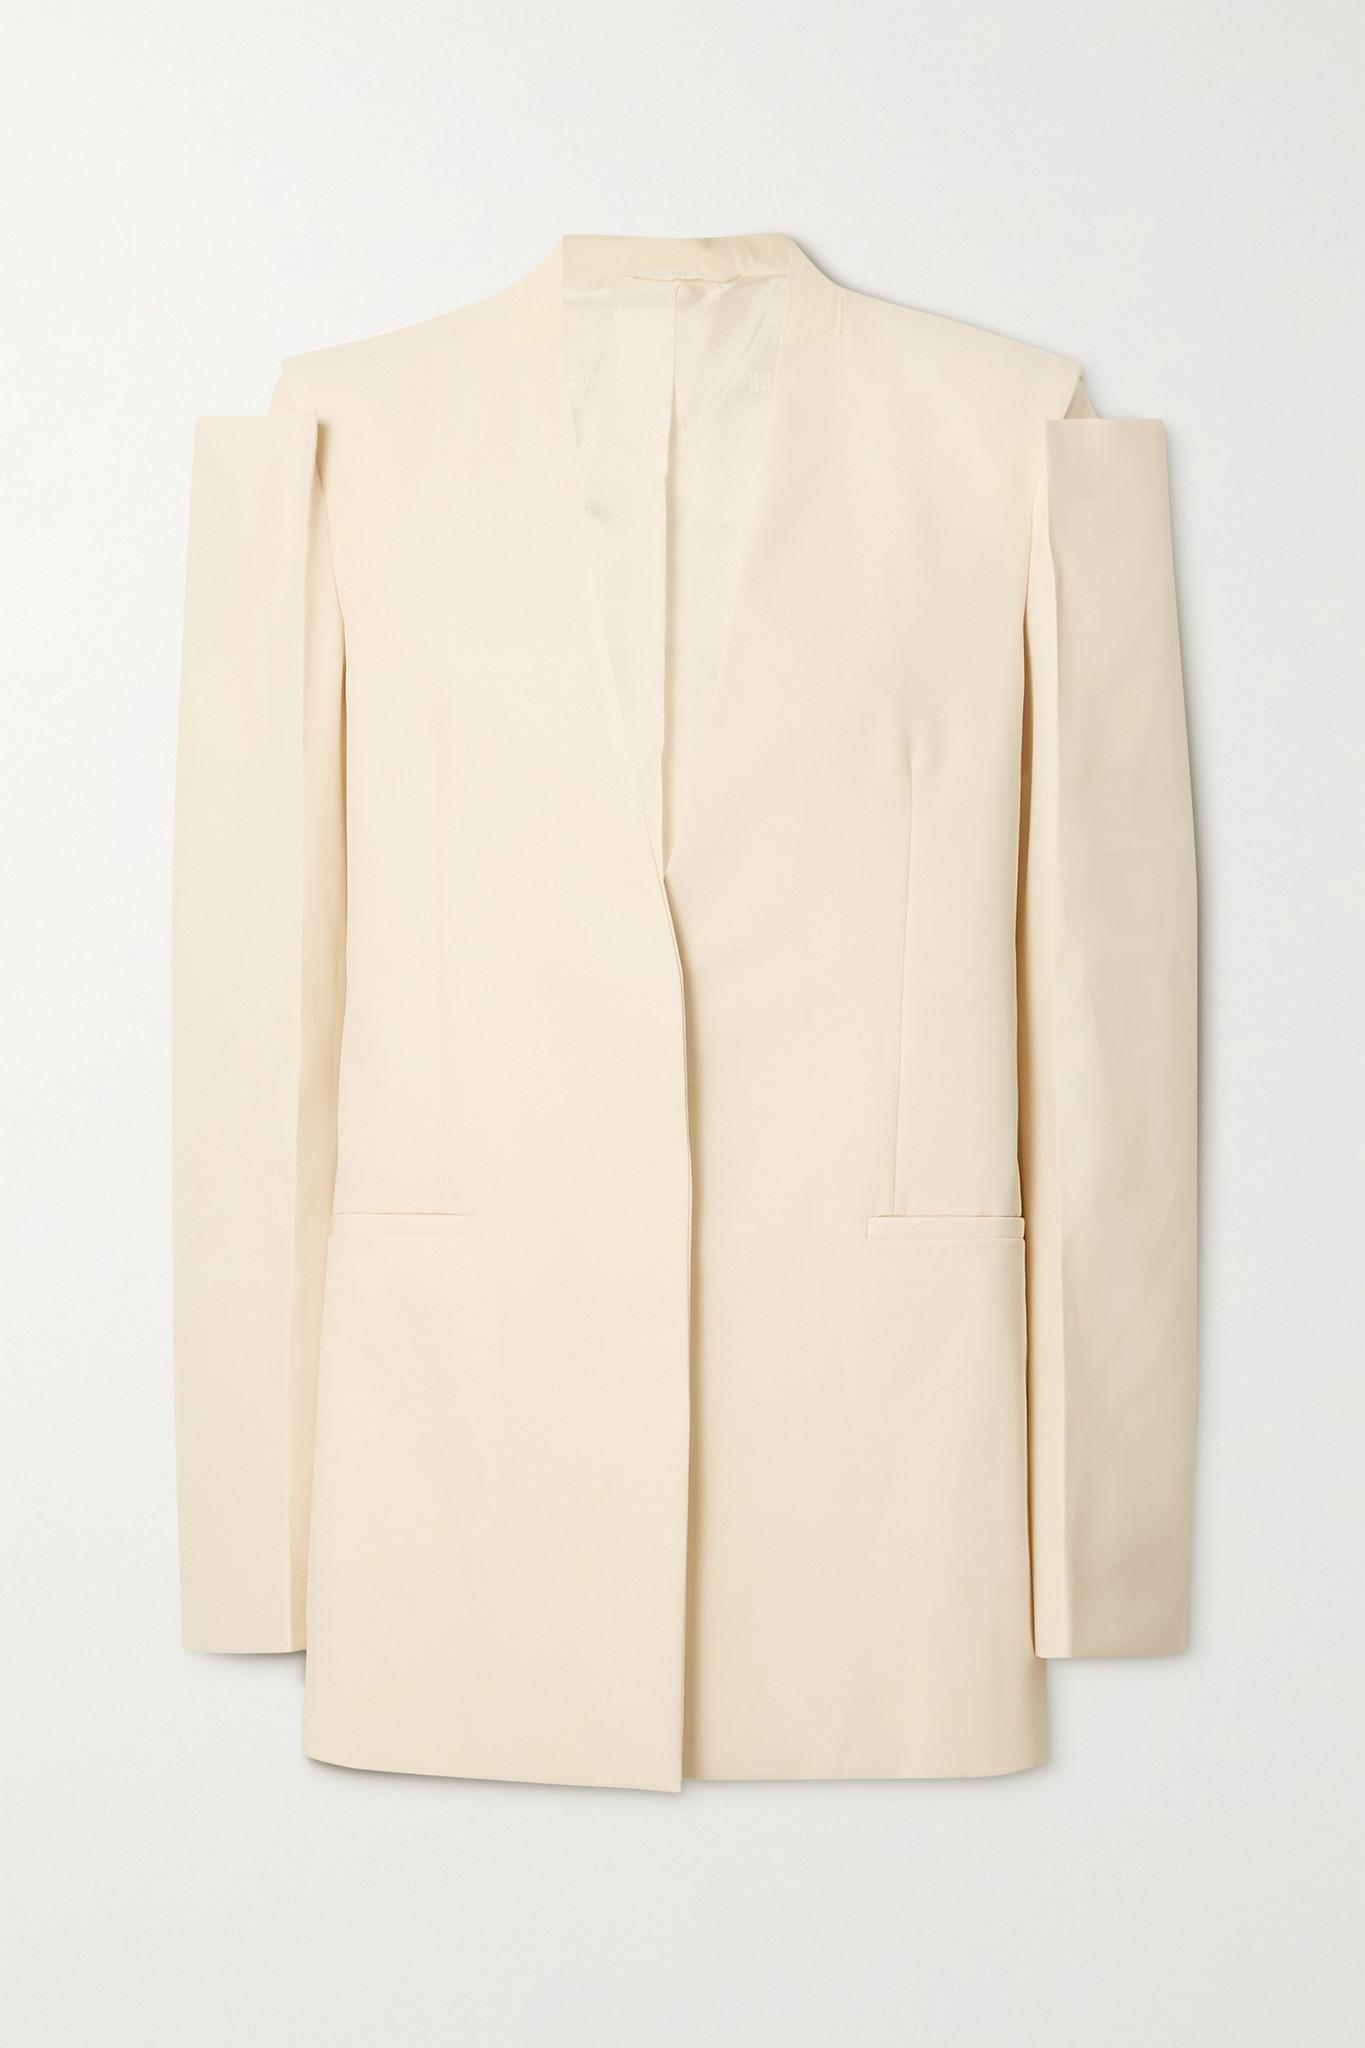 GIVENCHY - Wool Blazer - Neutrals - FR38